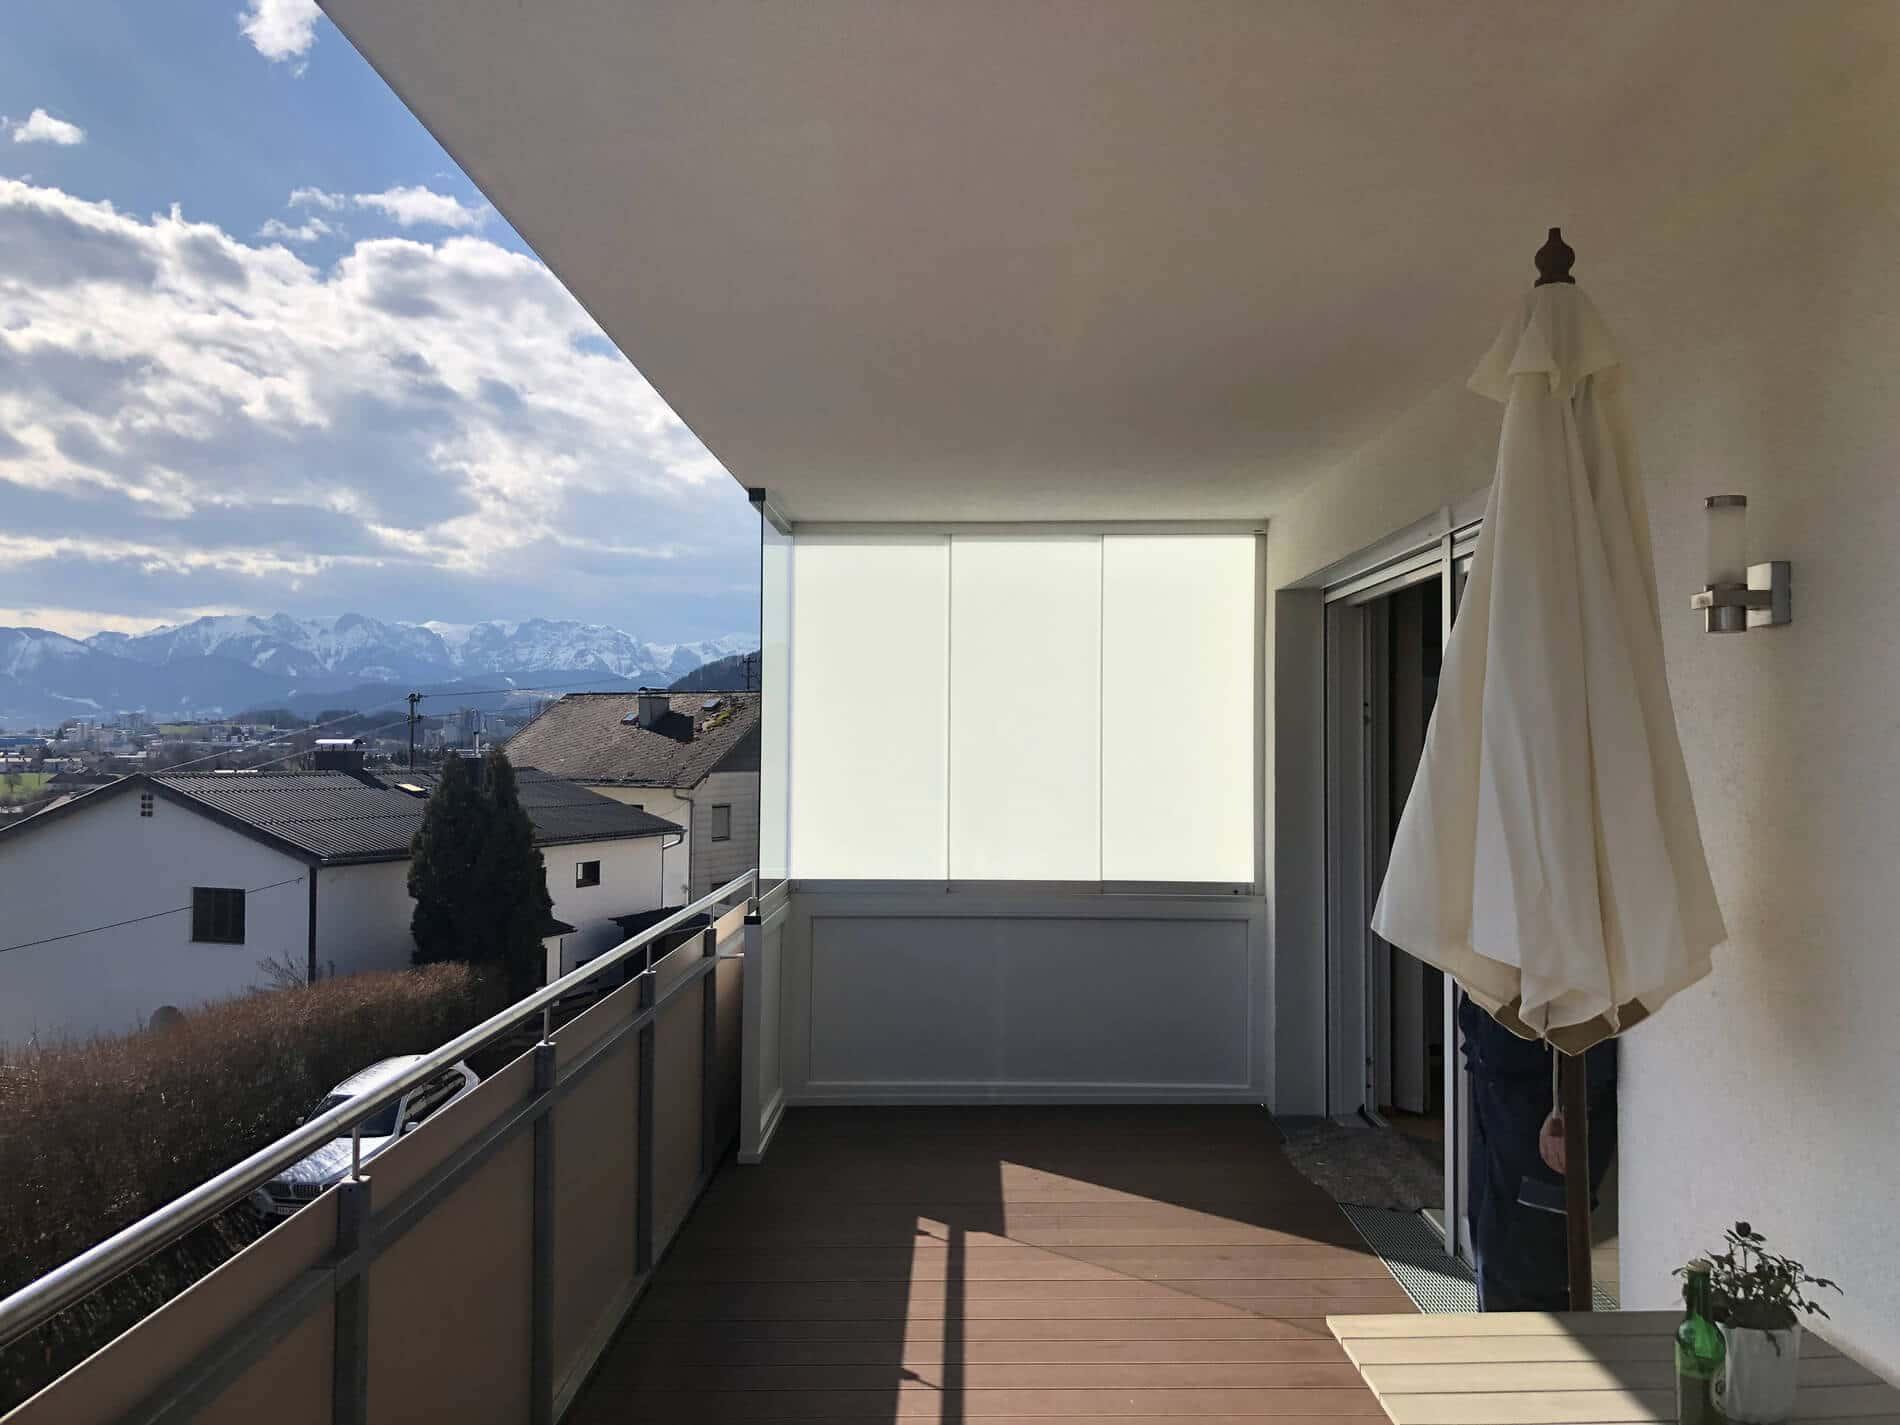 Balkonverglasung als seitlicher Sichtschutz